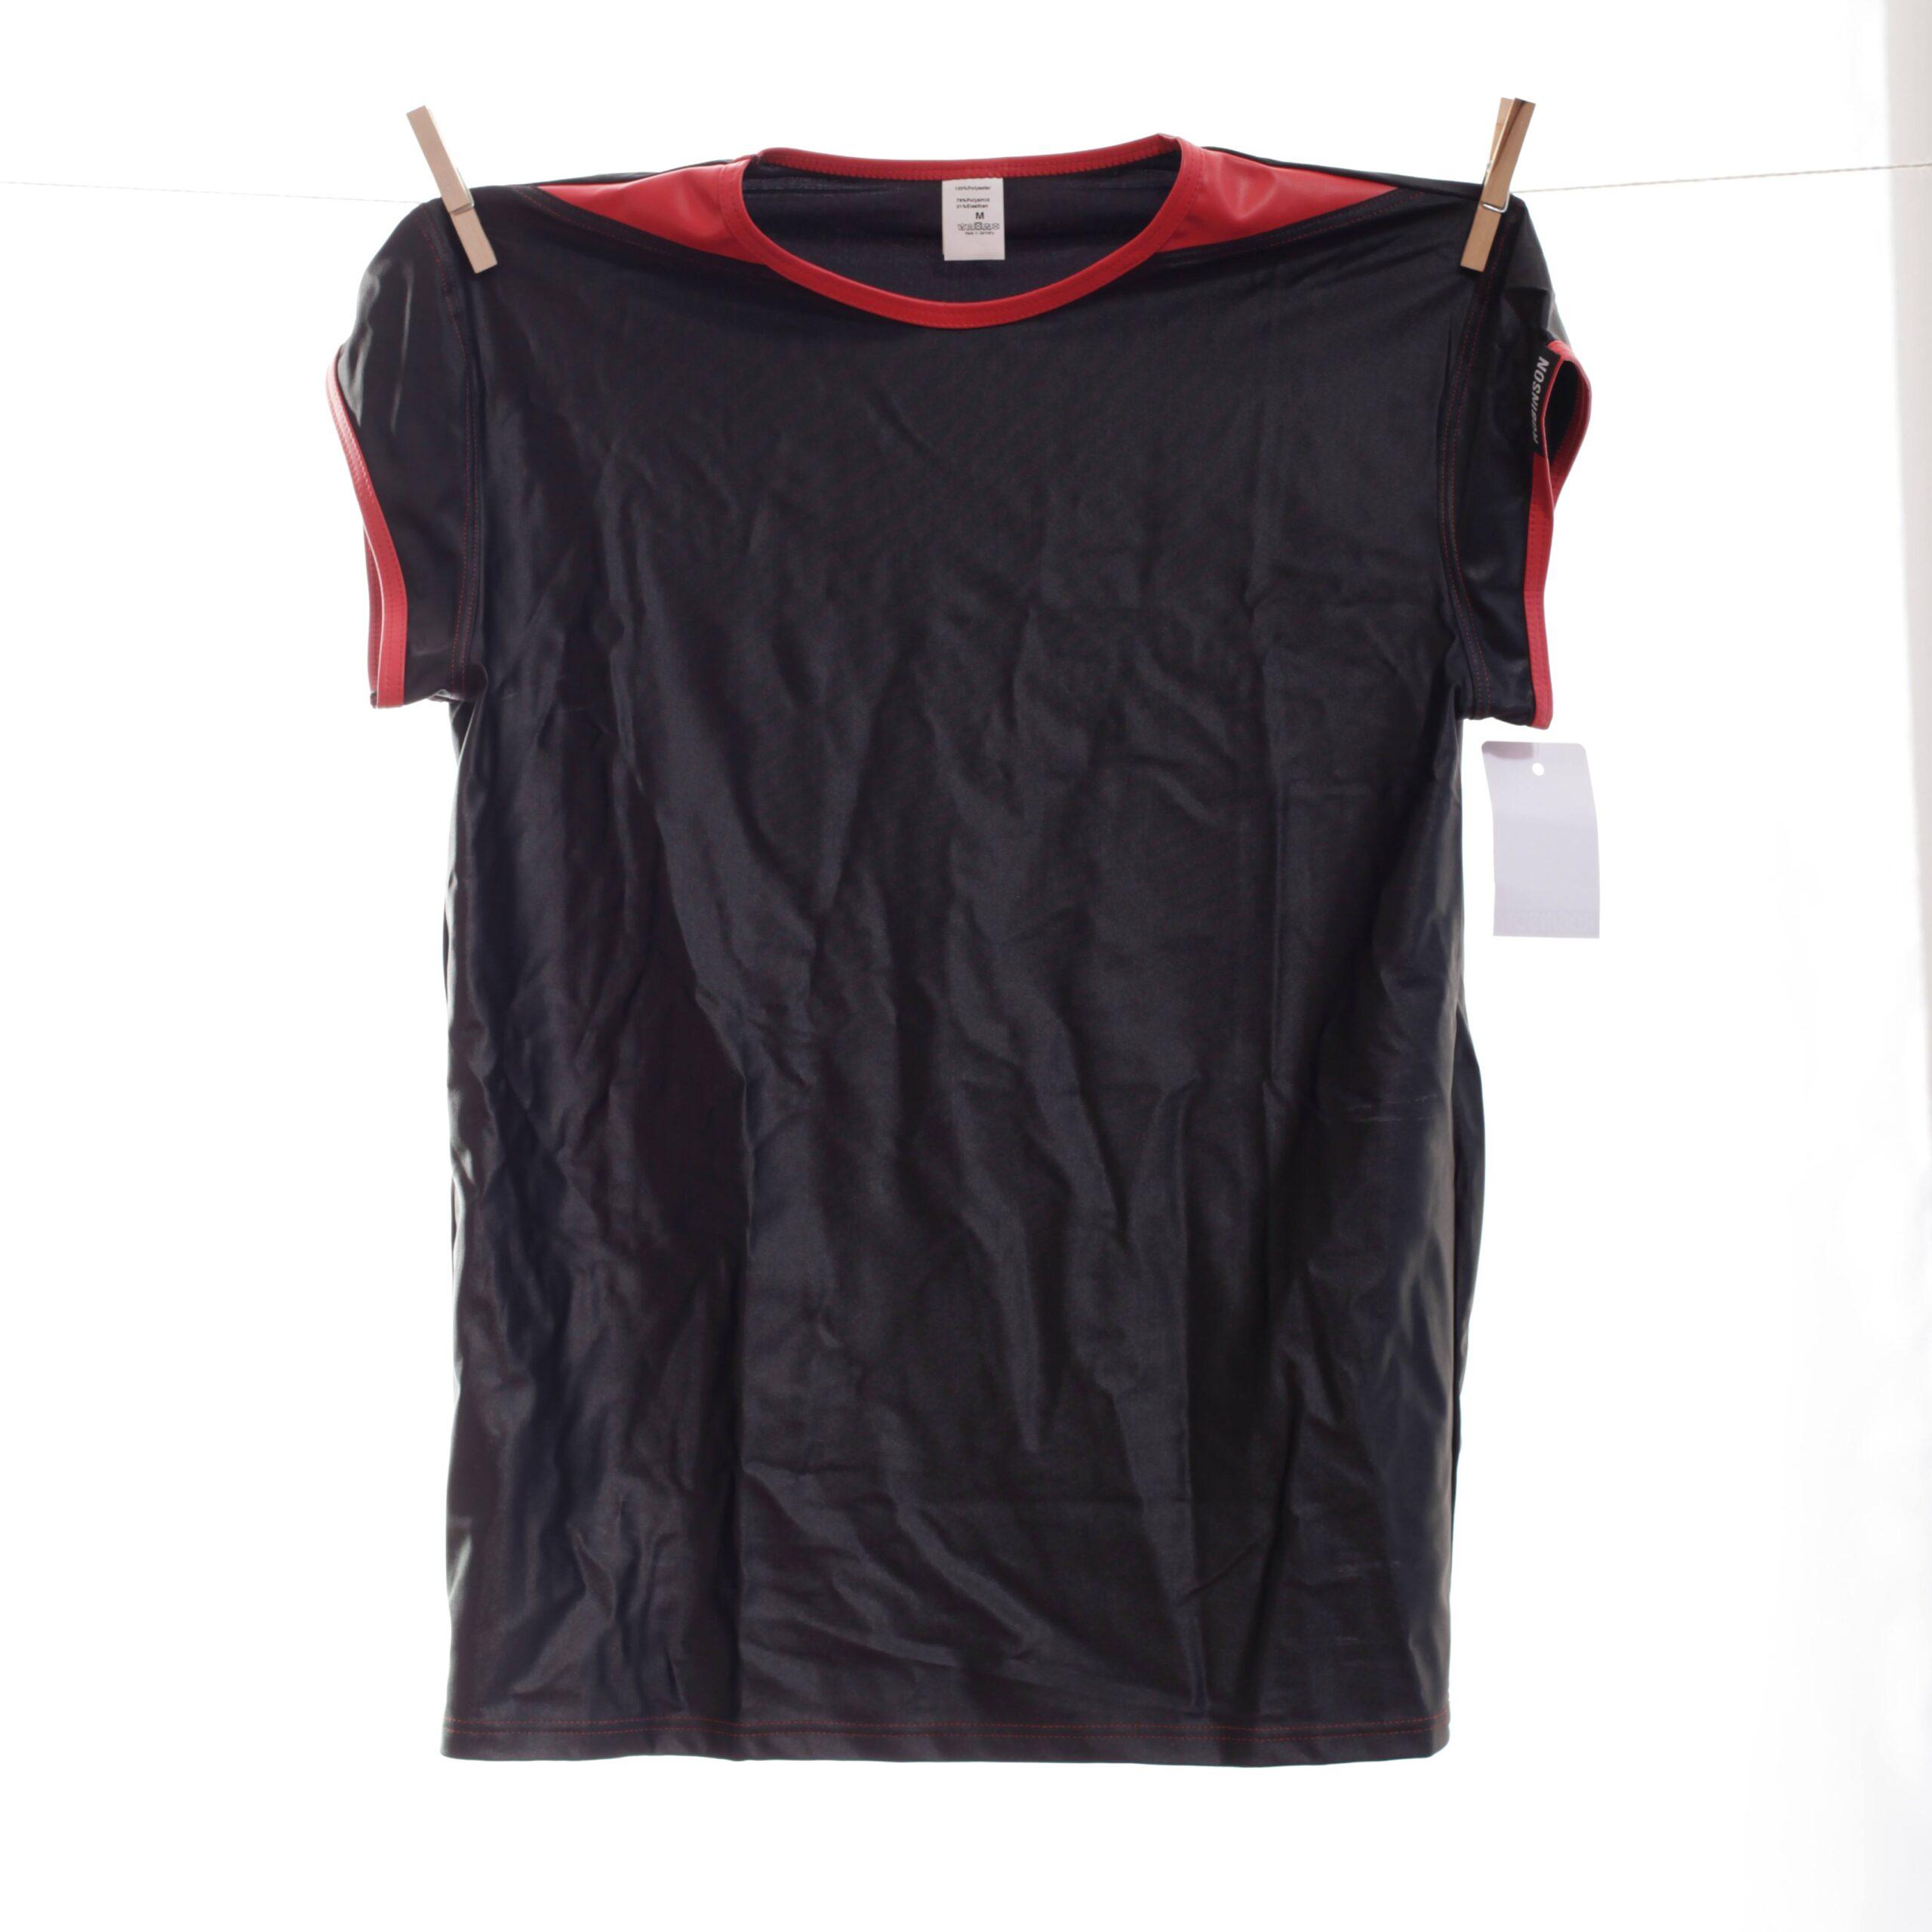 Diese One-Of-Edition ist nur begrenzt erhältlich, denn das Redback Letherlike T-Shirt gehört zu den Wojoer ONLY FOR ME-Produkten.  Größen  Erhältlich in den Größen M Materialzusammensetzung 100% Polyester | Wetlook: 79% Polyamid 21% Elasthan Besonderheiten ONLY FOR ME Produkt| individueller look | matt glänzende Oberfläche | festes,…